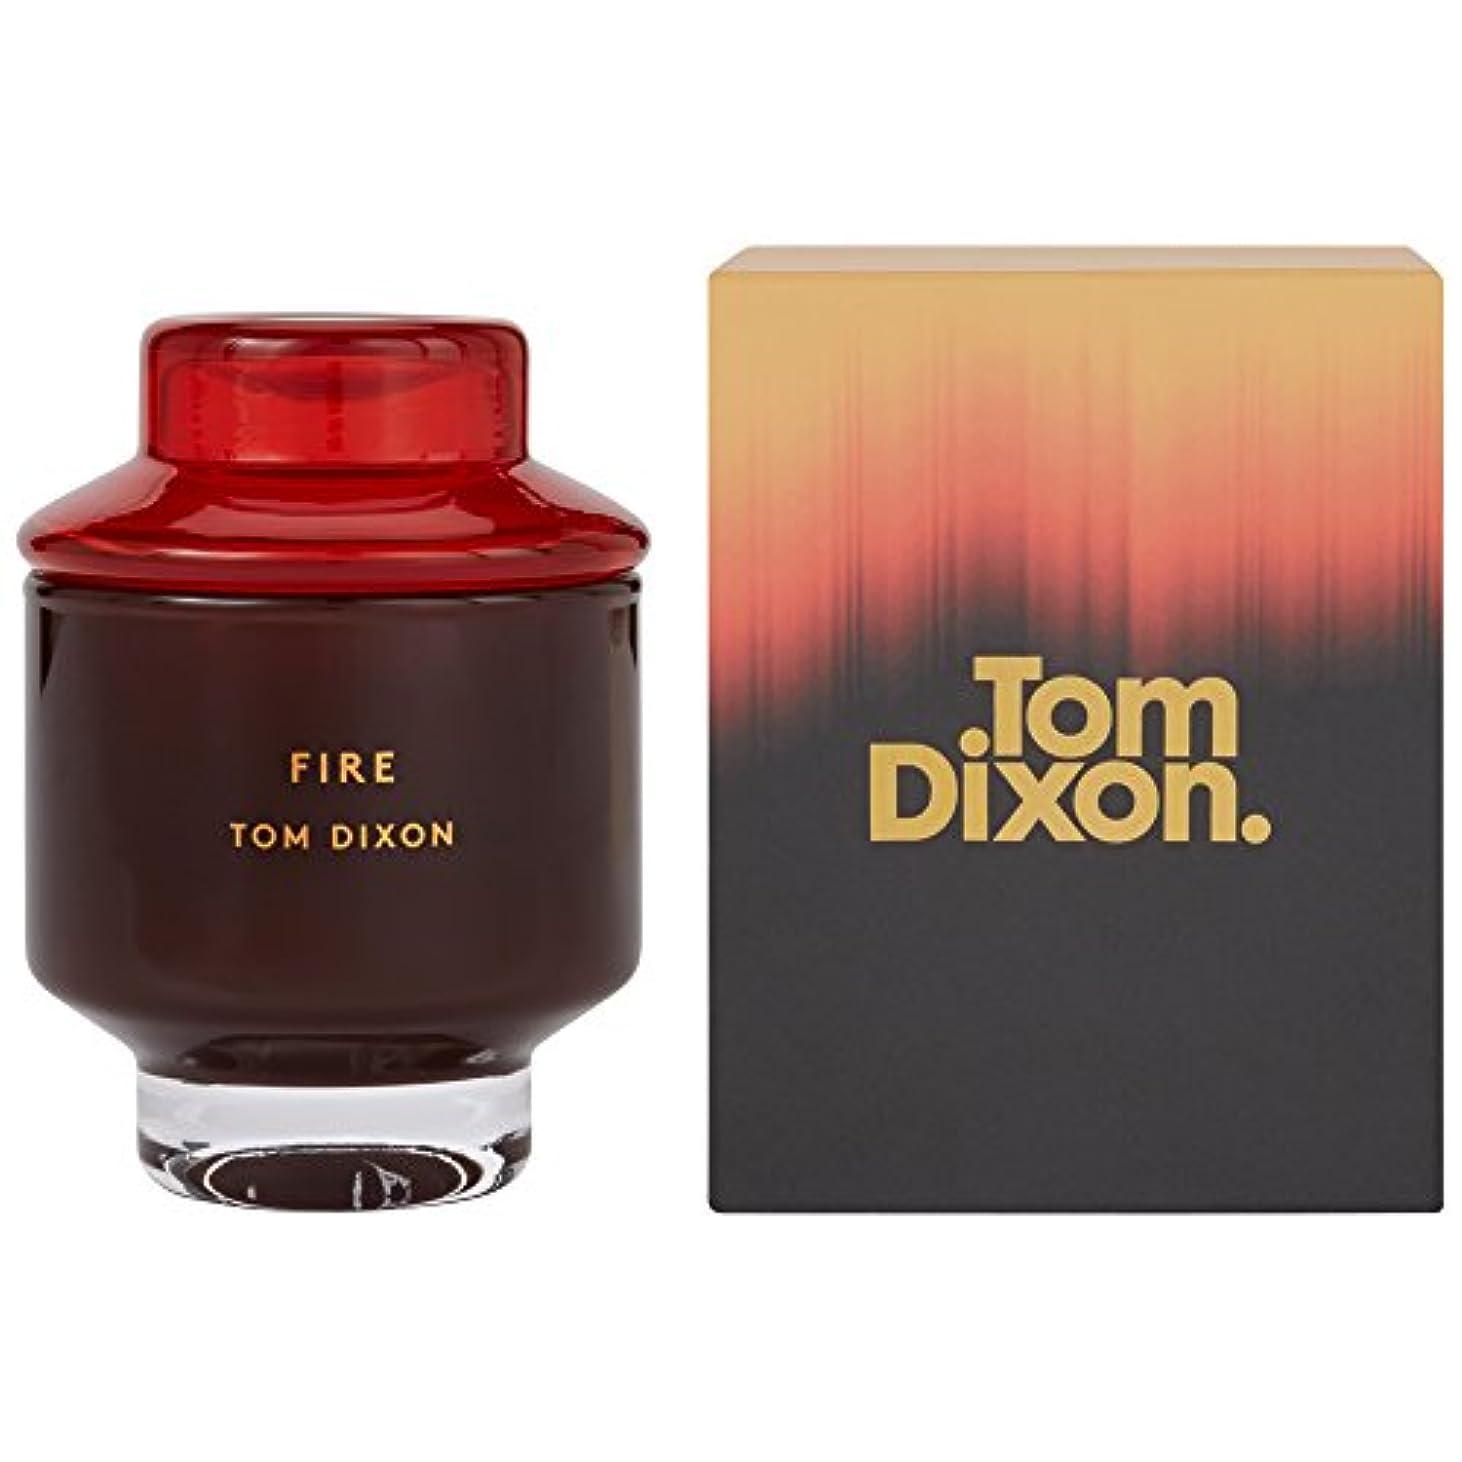 関与する高度錫Tom Dixon Fire Scented Candle Medium - トム?ディクソン火災香りのキャンドル媒体 [並行輸入品]